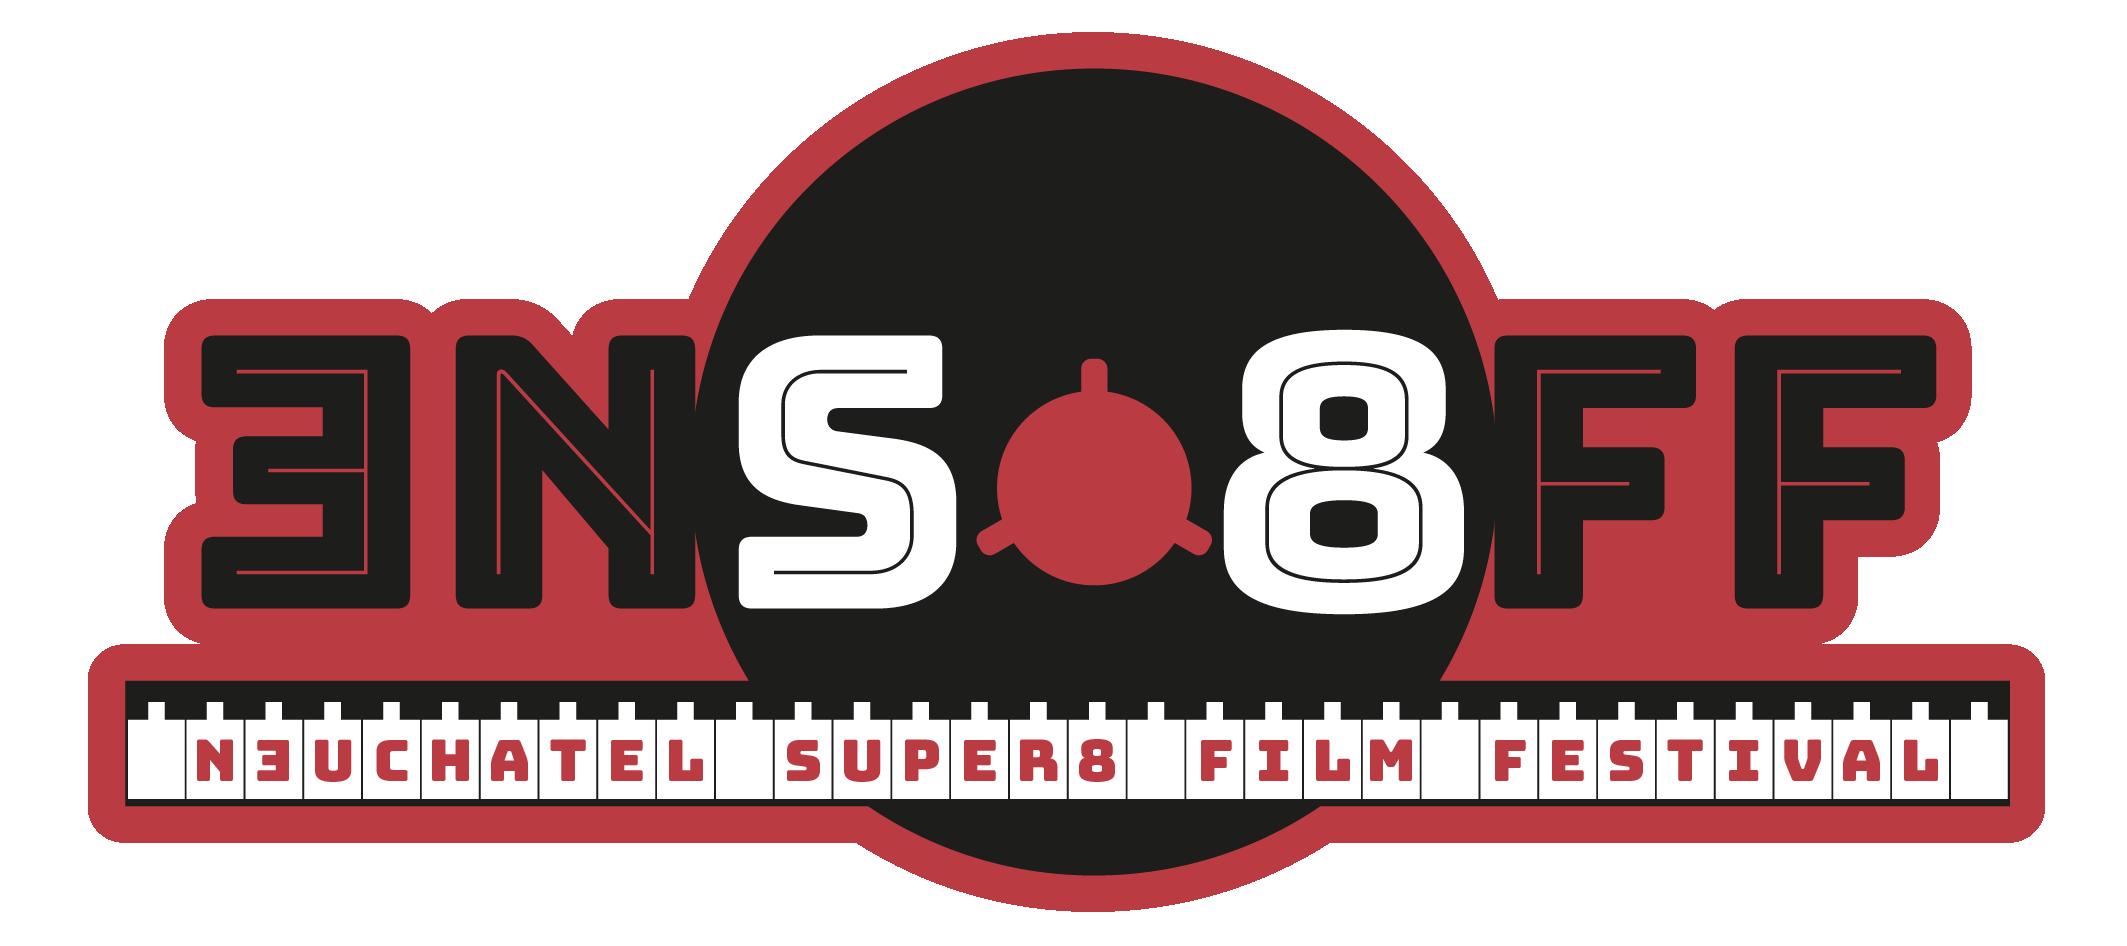 Logo Neuchâtel Super 8 Film Festival, Tourné-Monté